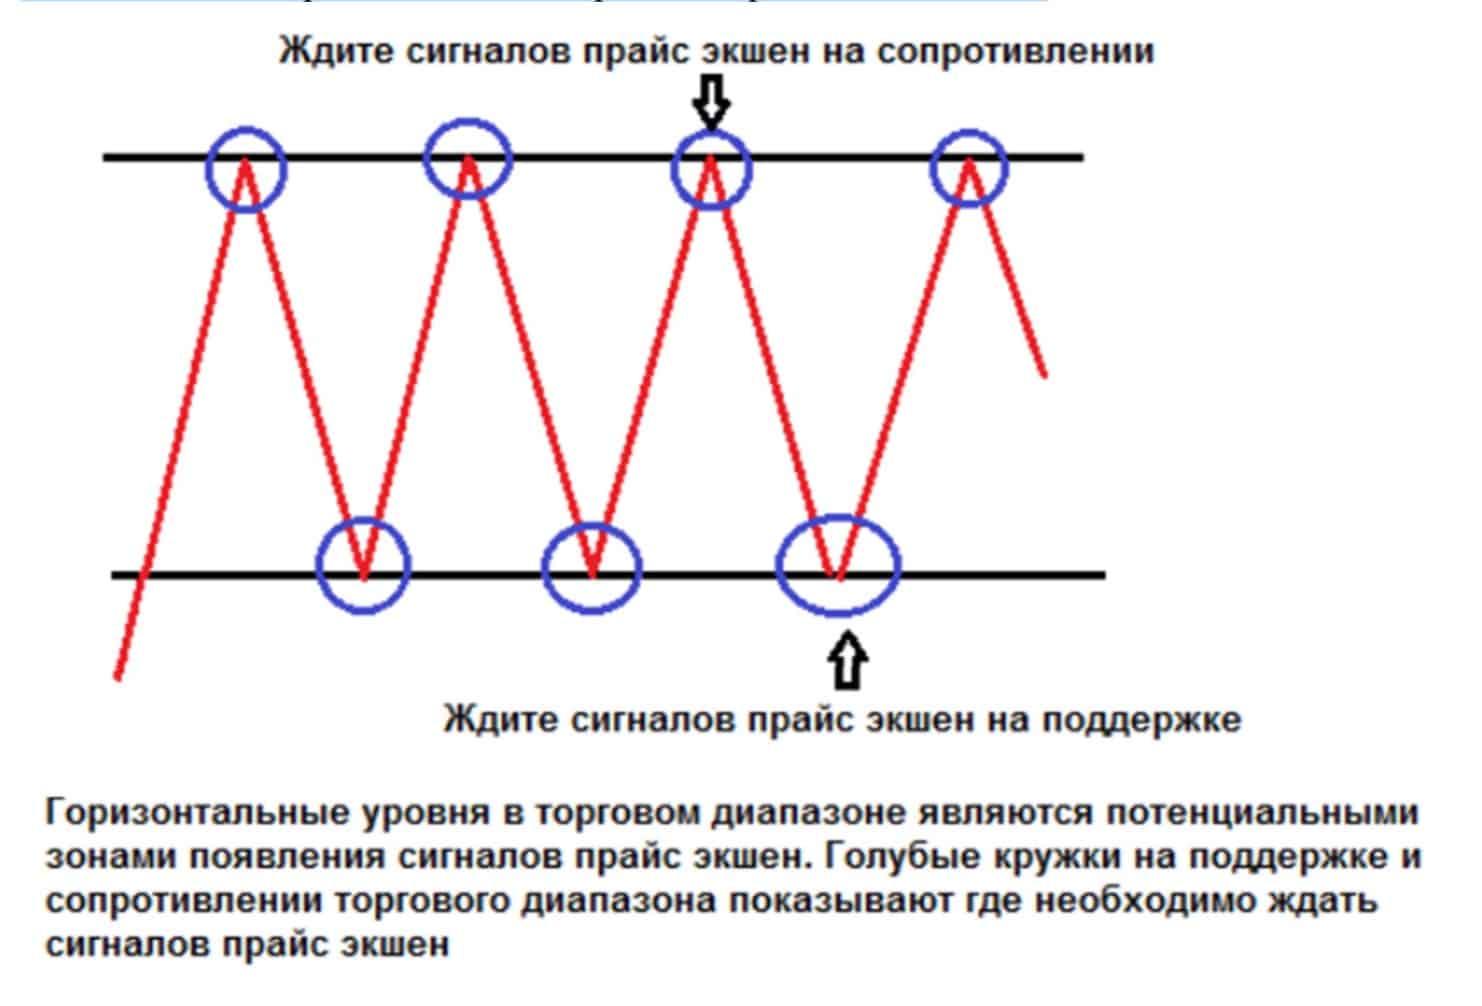 levels 02 Горизонтальные уровни и сигналы прайс экшен